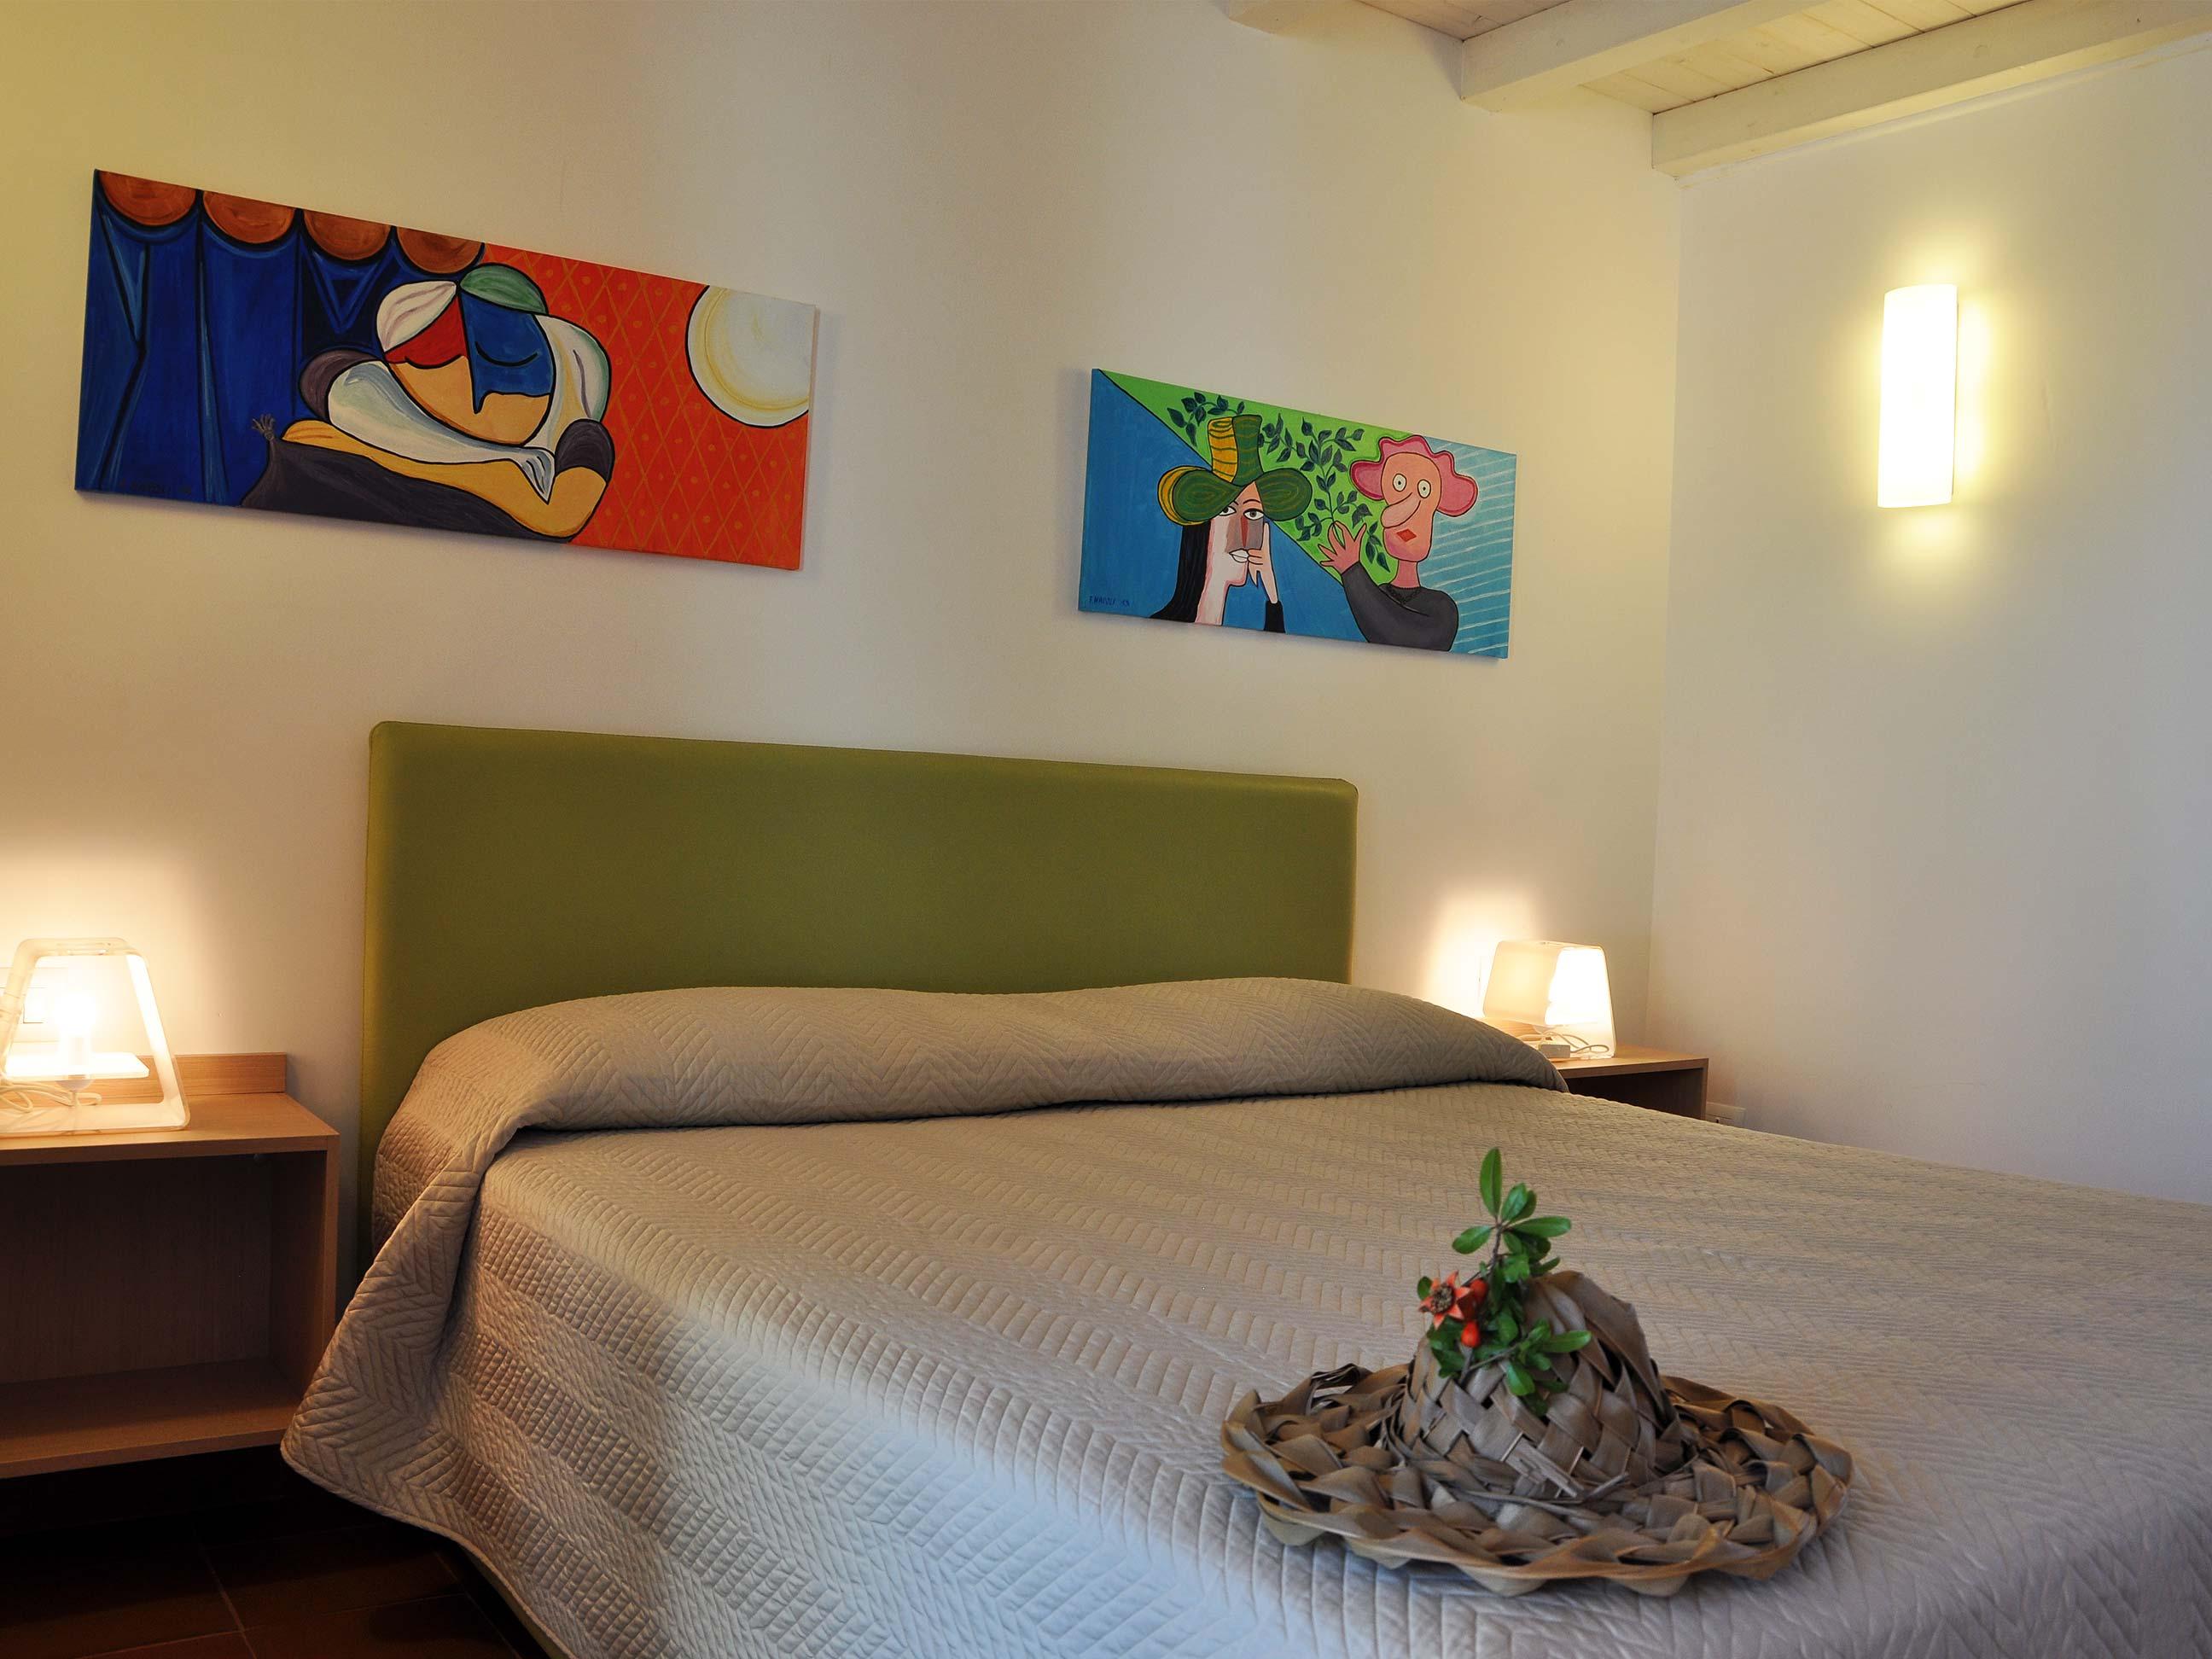 Khirat-Menfi-bedroom-14